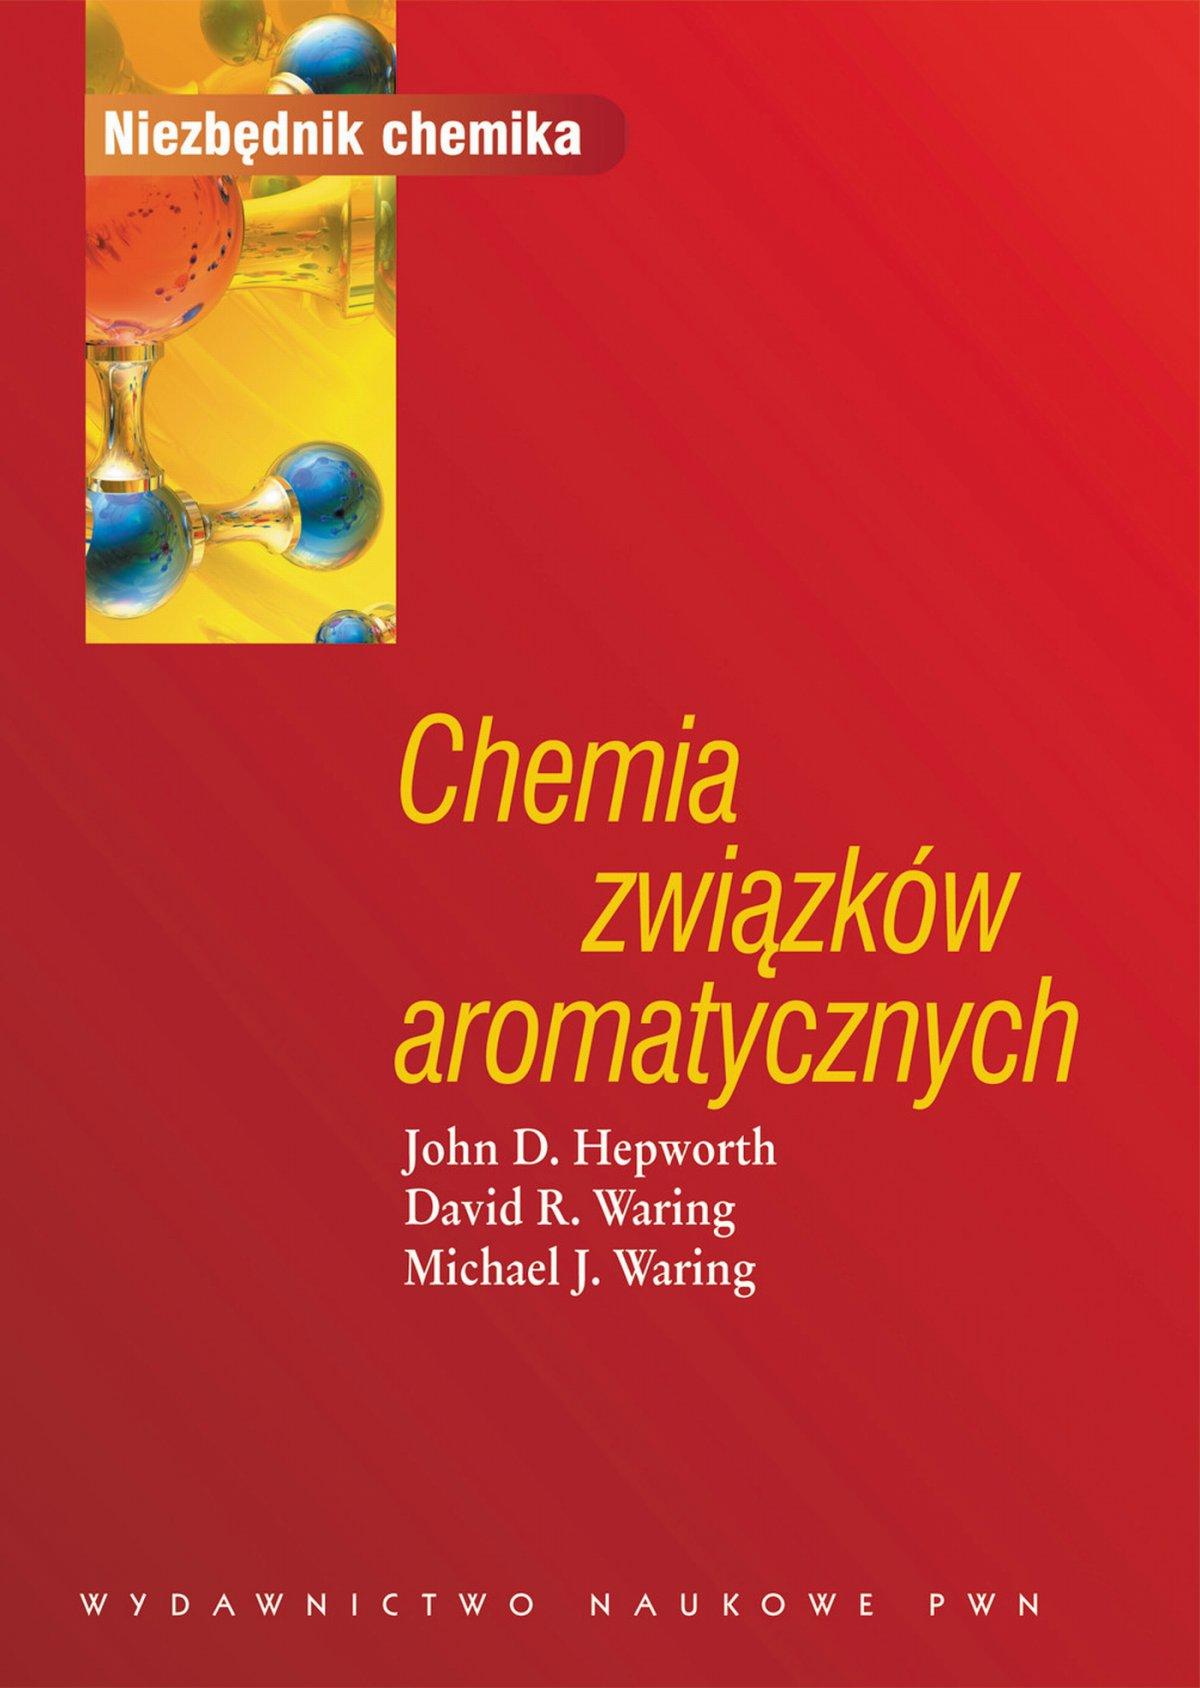 Chemia związków aromatycznych - Ebook (Książka na Kindle) do pobrania w formacie MOBI